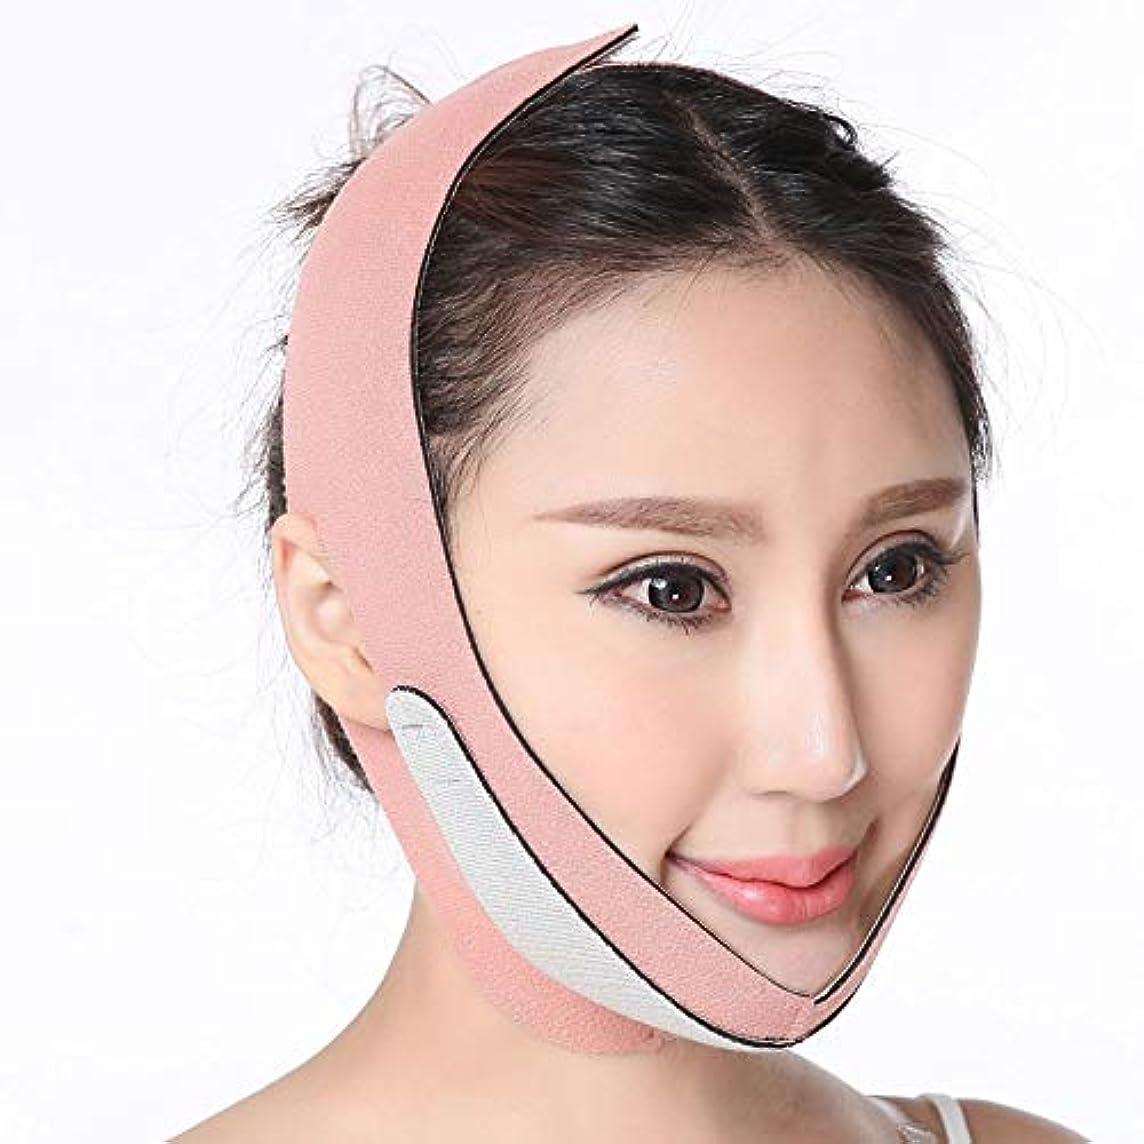 必要としている留まるロードされたHEMFV 顔のスリミングベルトマスクストラップ美容通気性のフェイス二重あごケア減量包帯